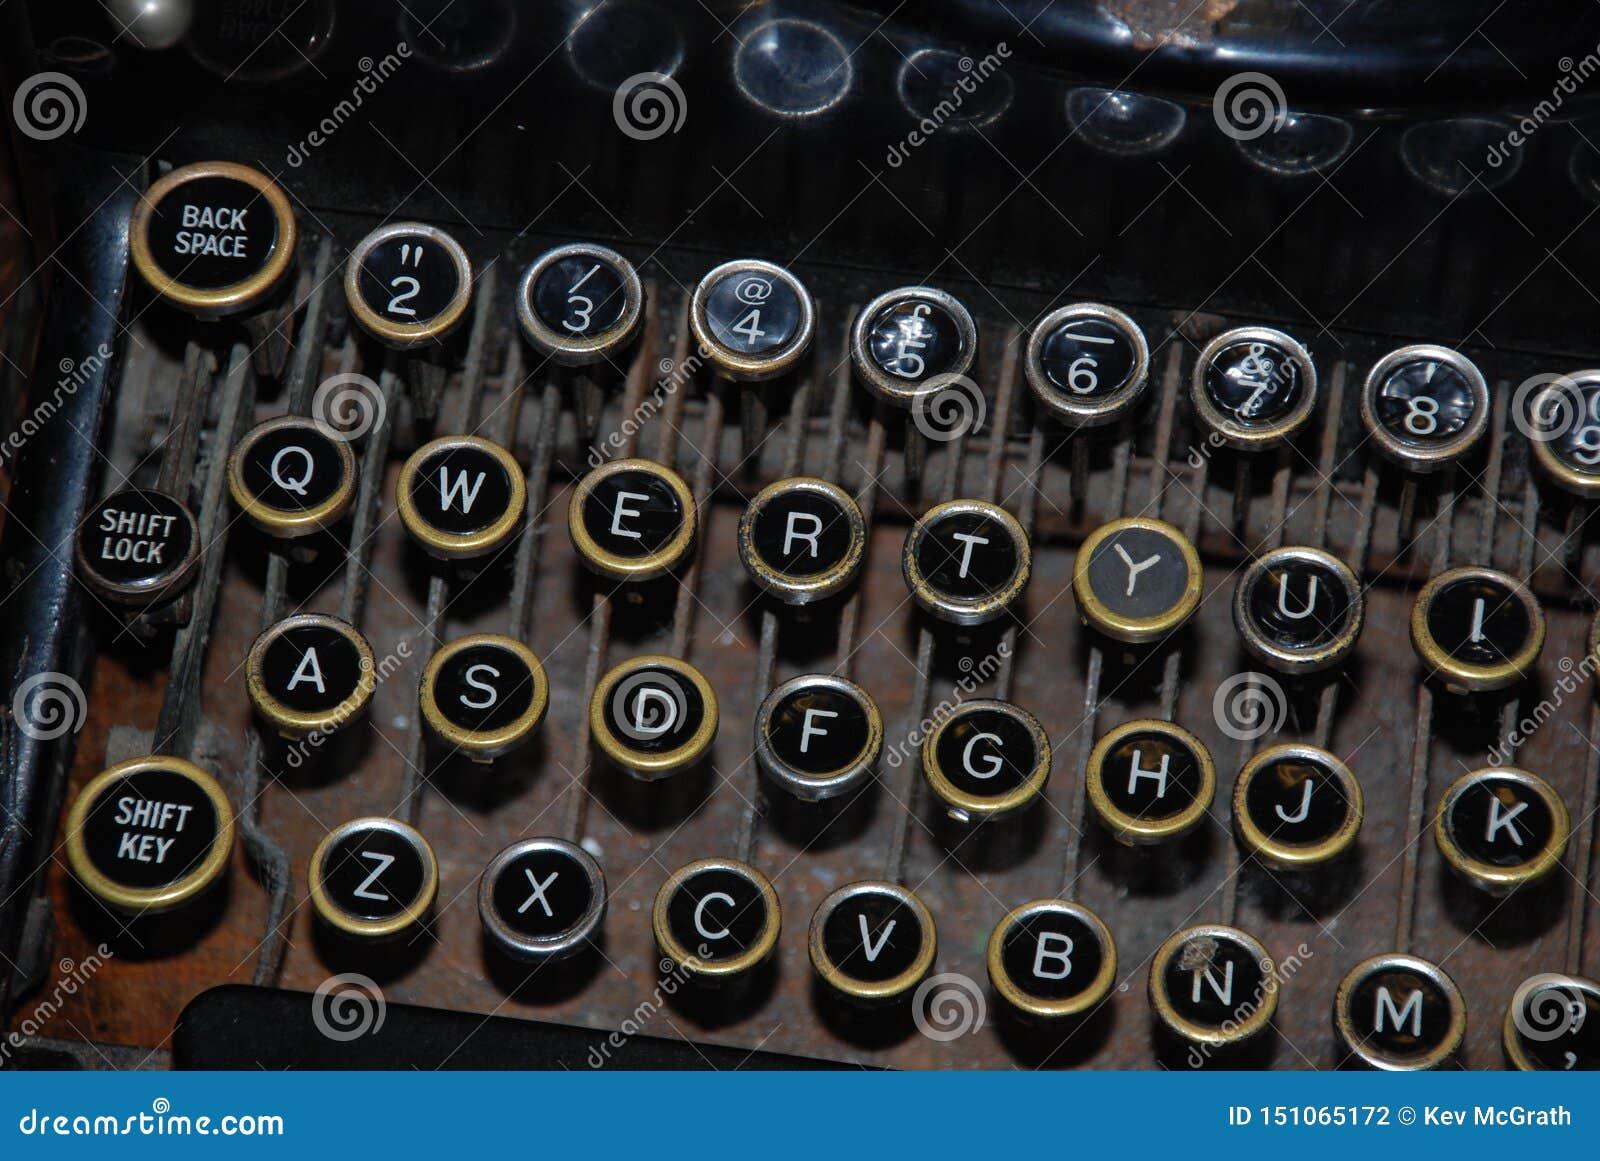 Chaves velhas da letra e do número da exibição da máquina de escrever